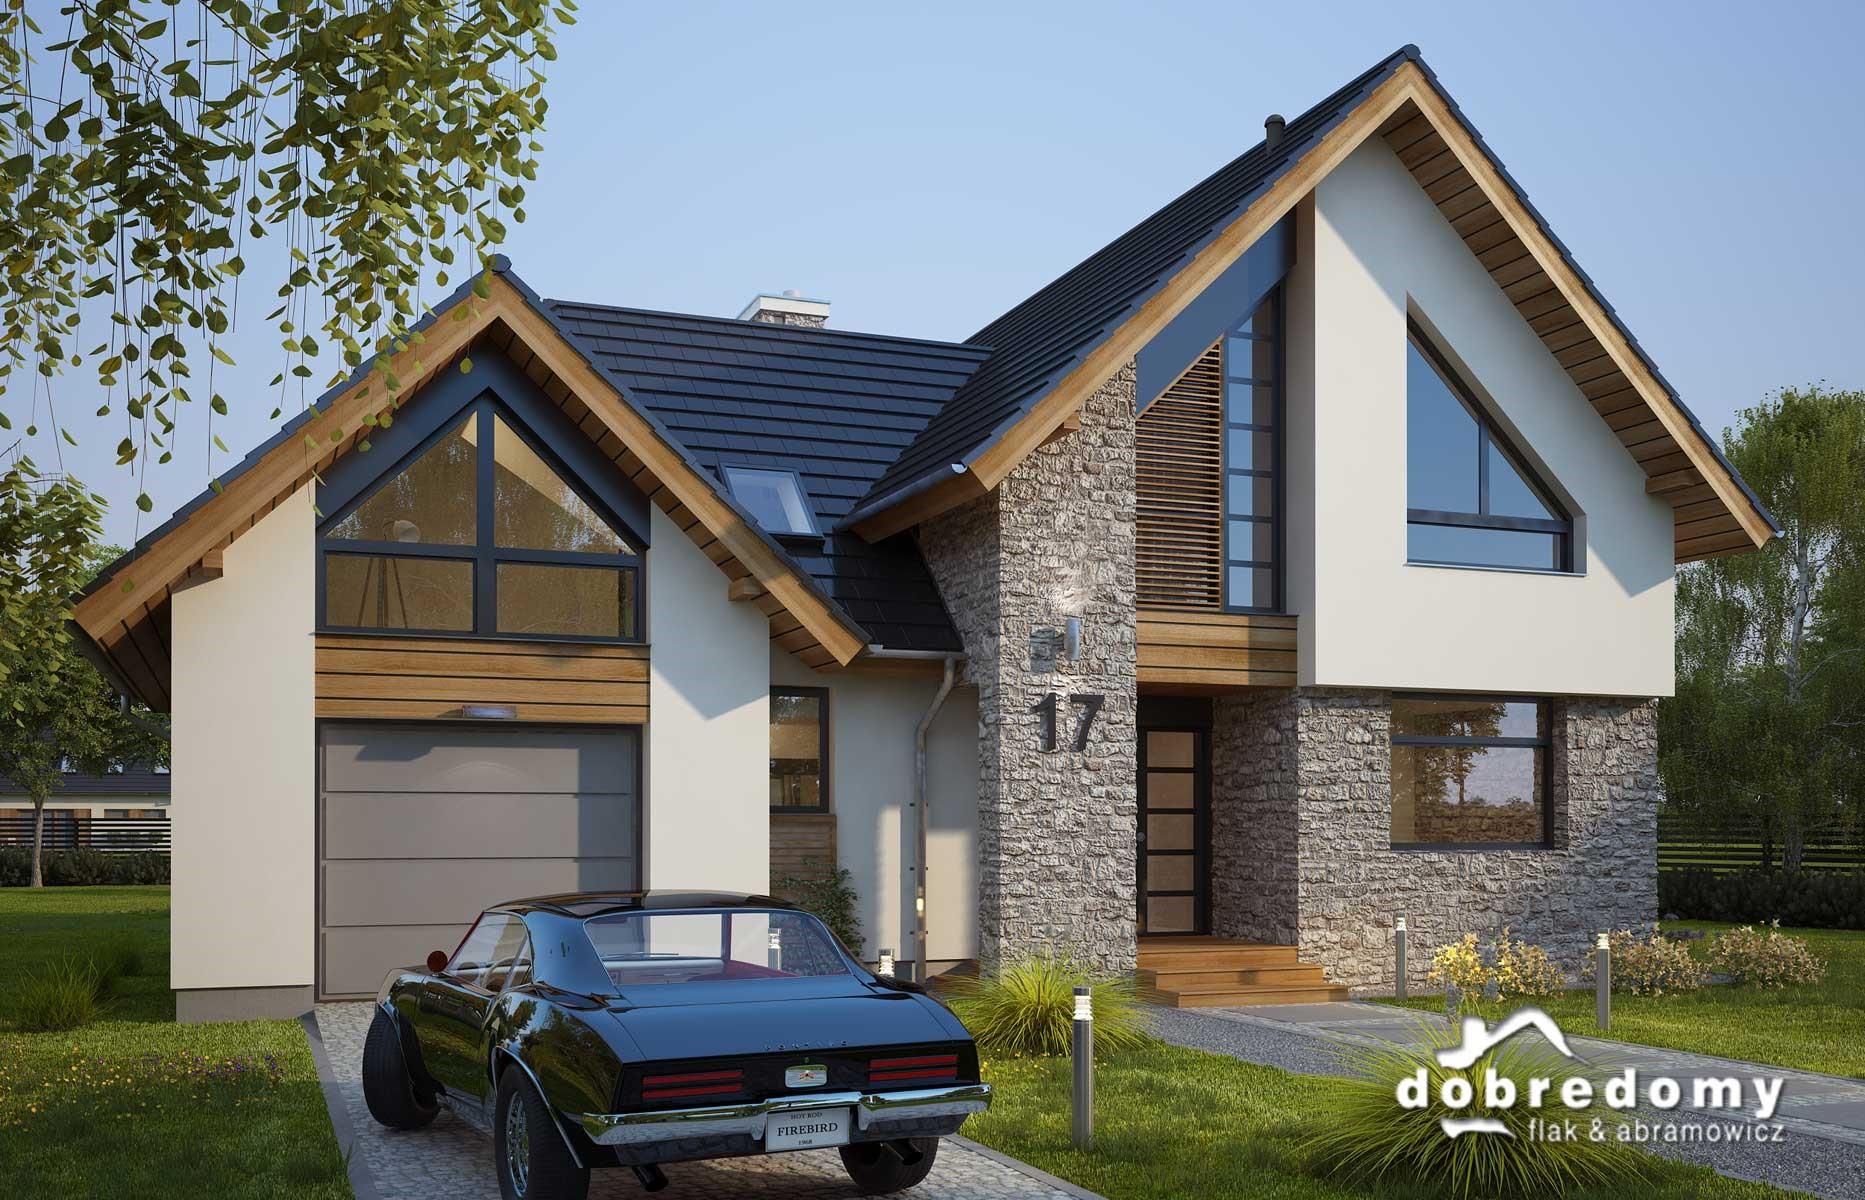 Rozbudowujesz dom jednorodzinny? O tym koniecznie pamiętaj!